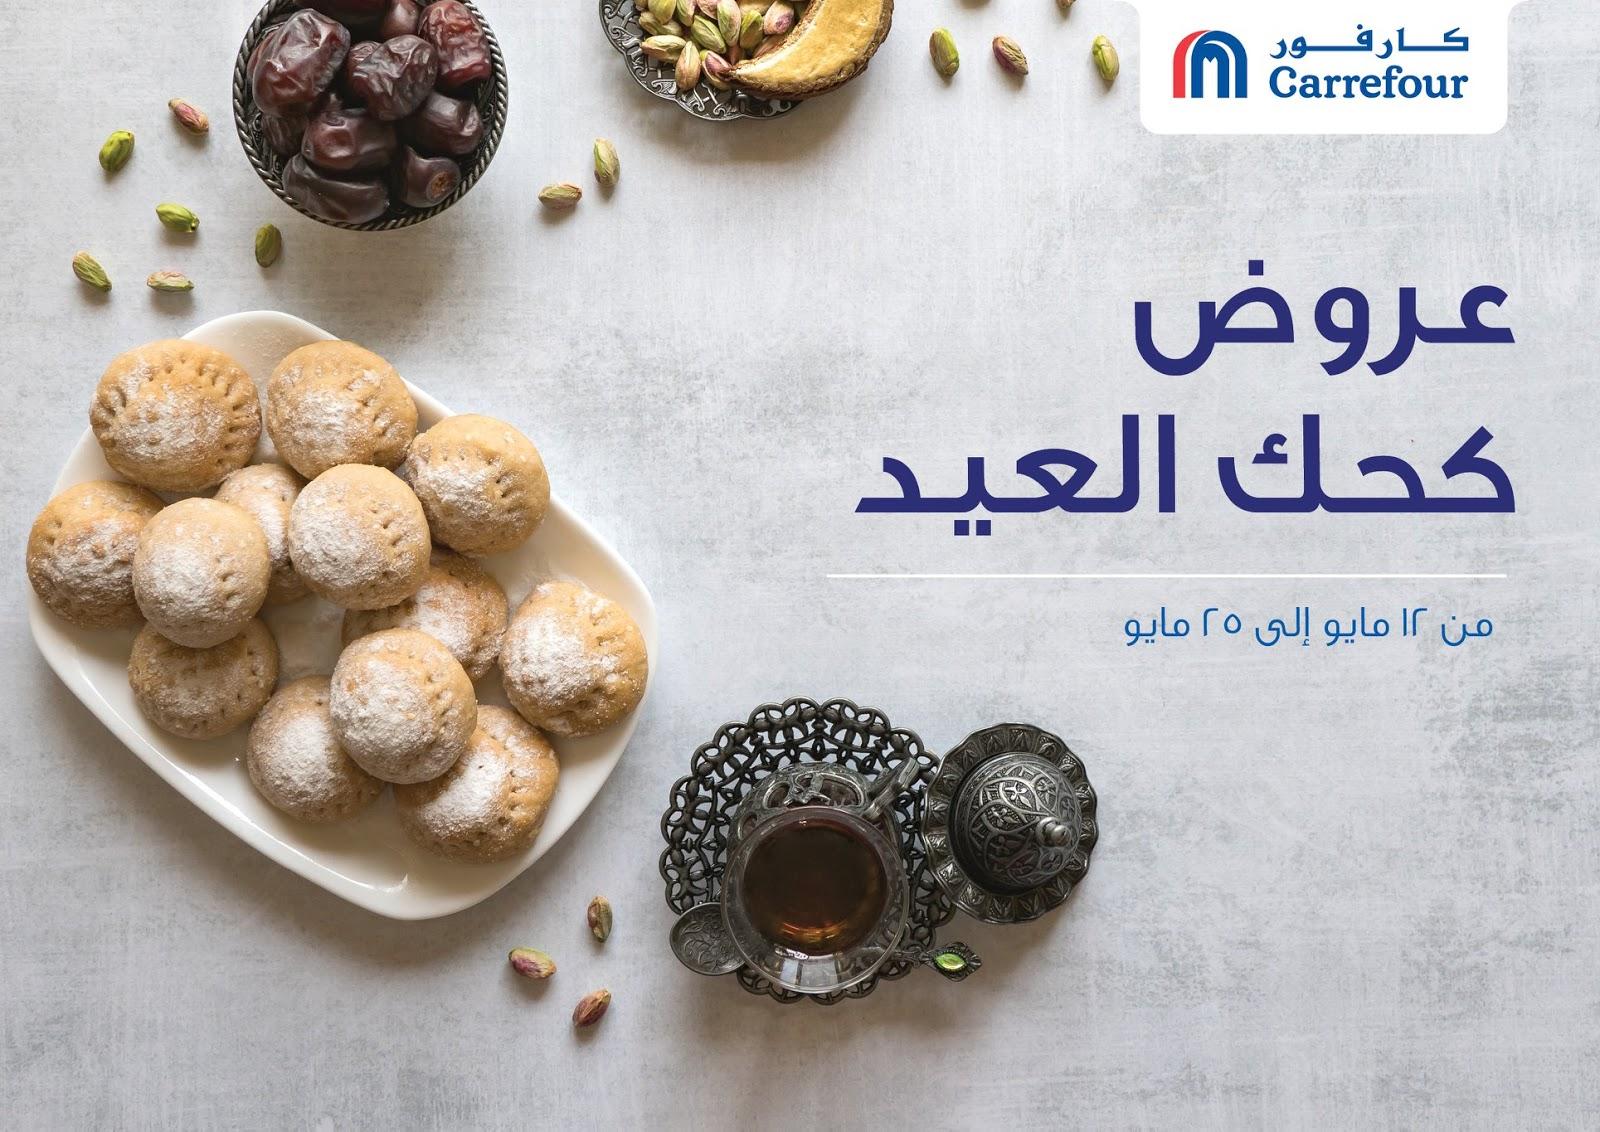 عروض كارفور مصر من 12 مايو حتى 25 مايو 2020 جميع الفروع كحك العيد